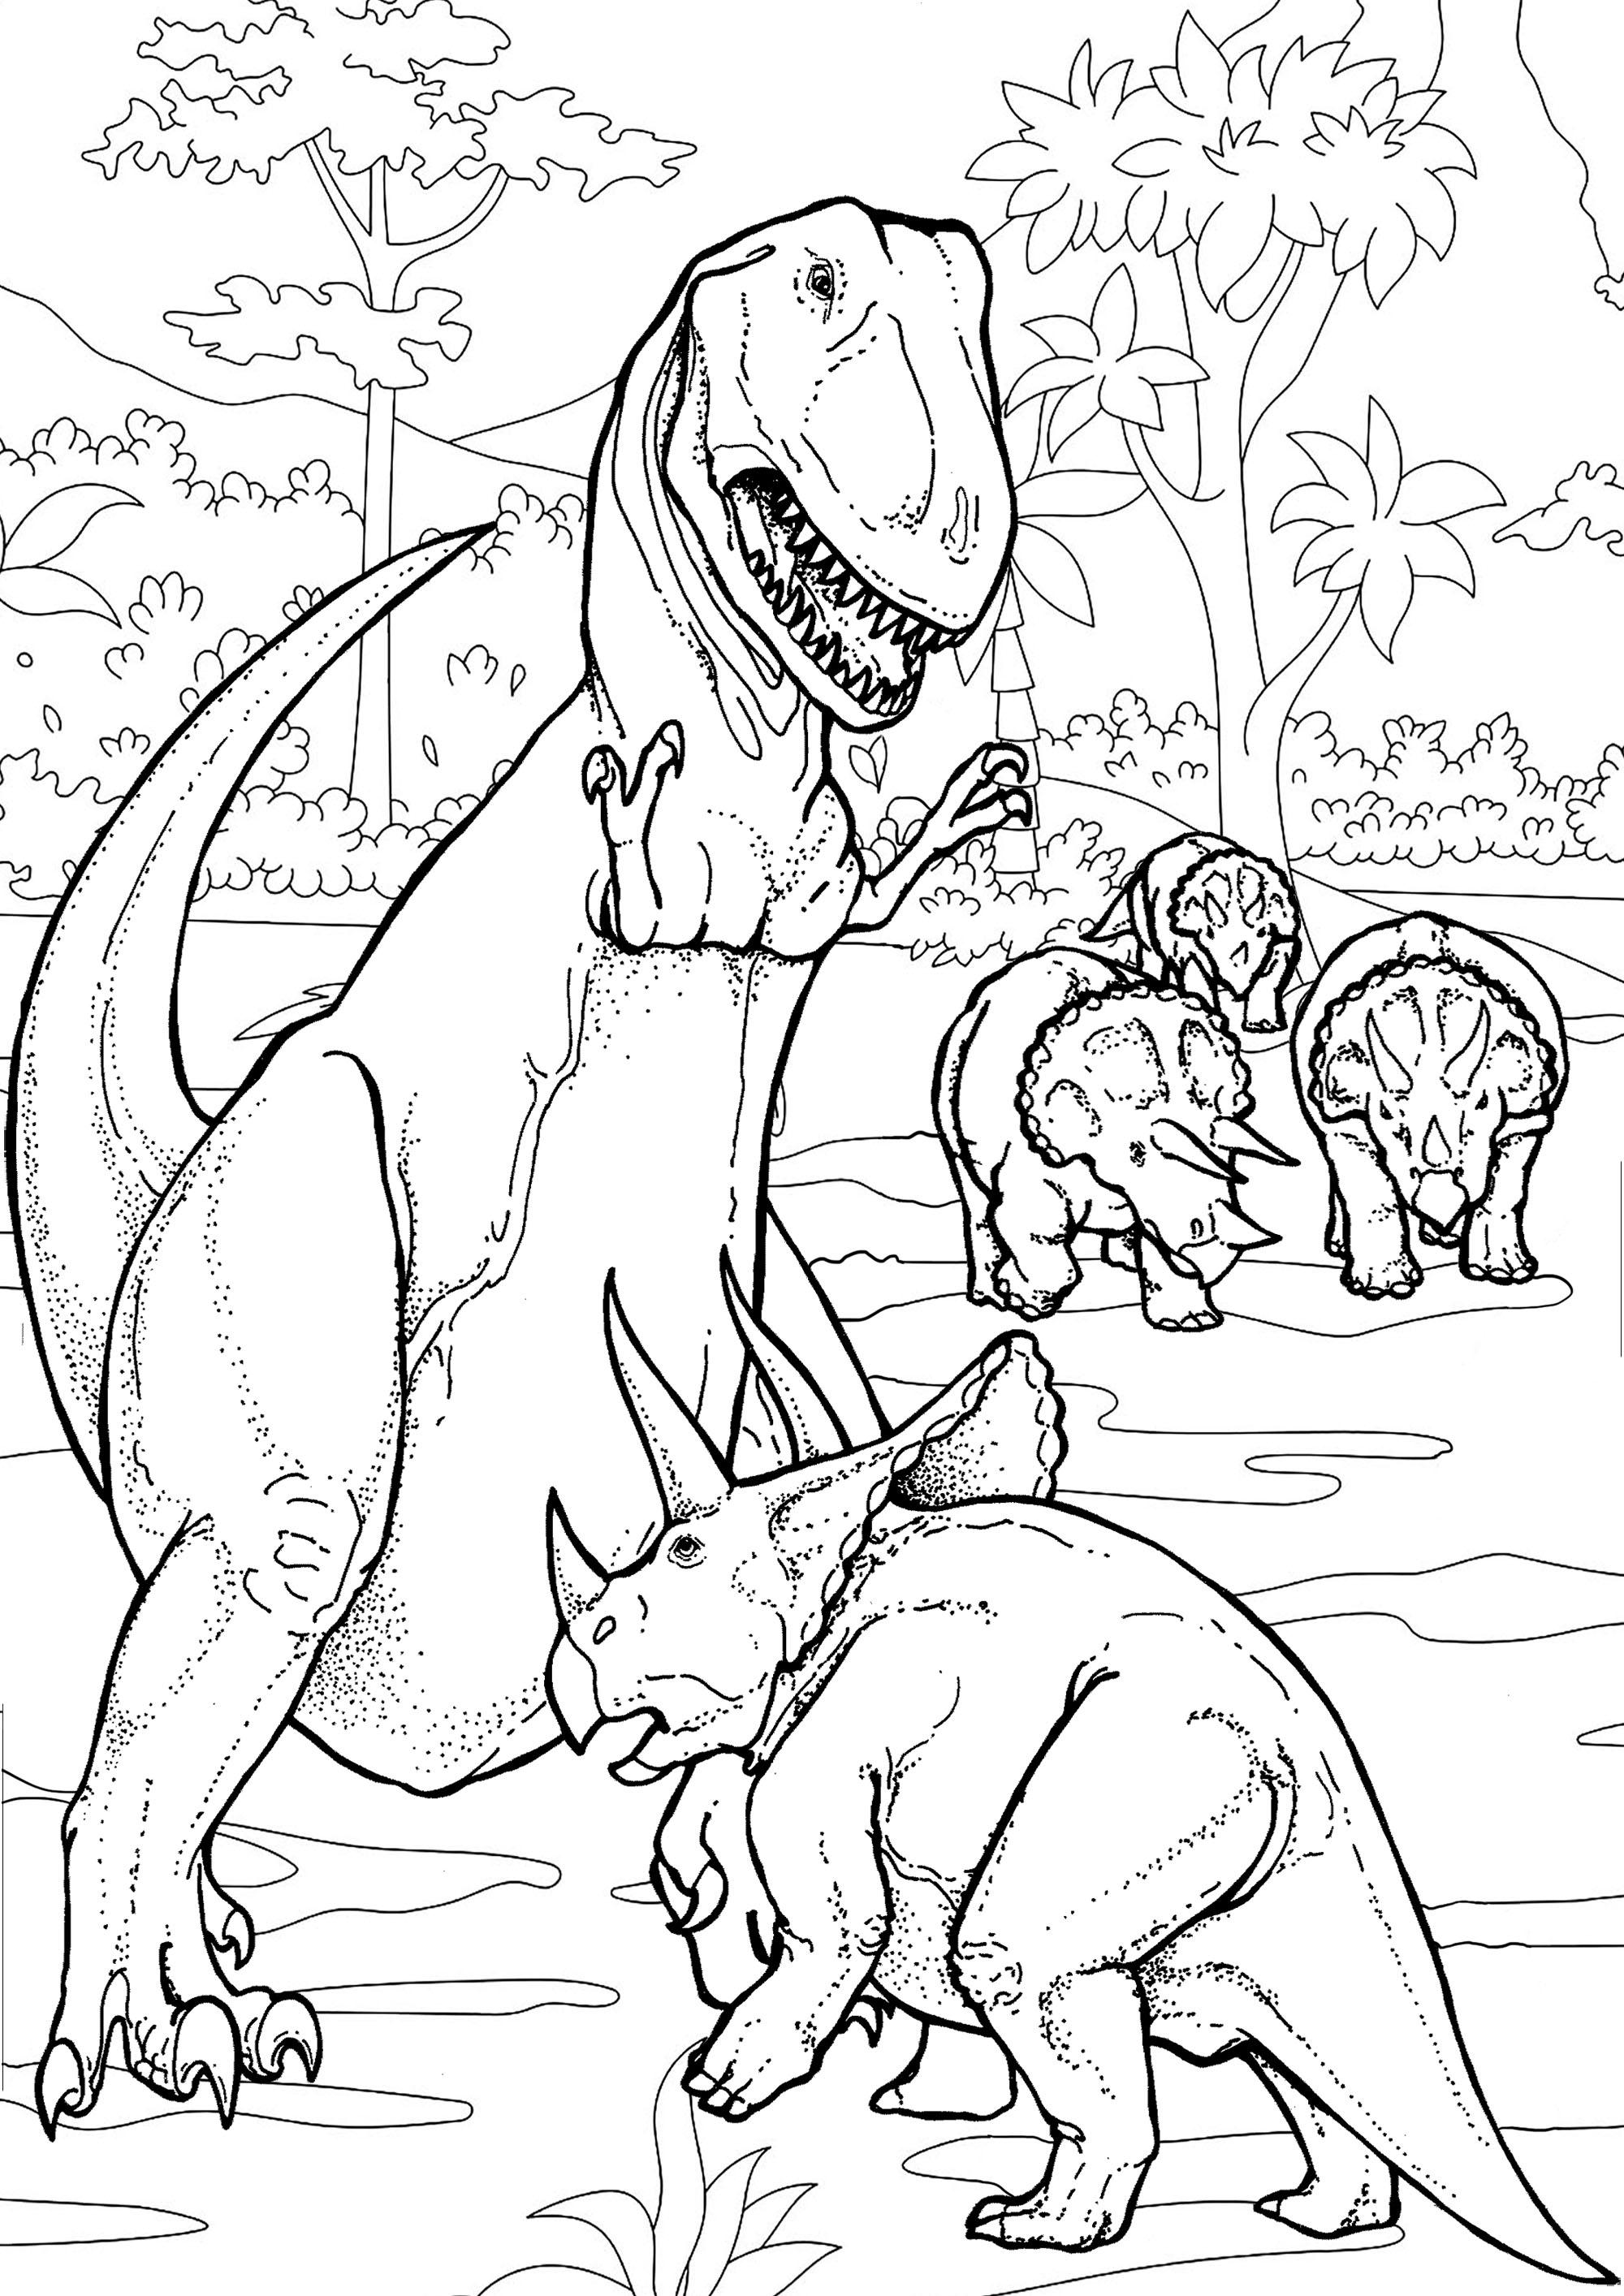 Colorear para Adultos : Dinosaurios - 5